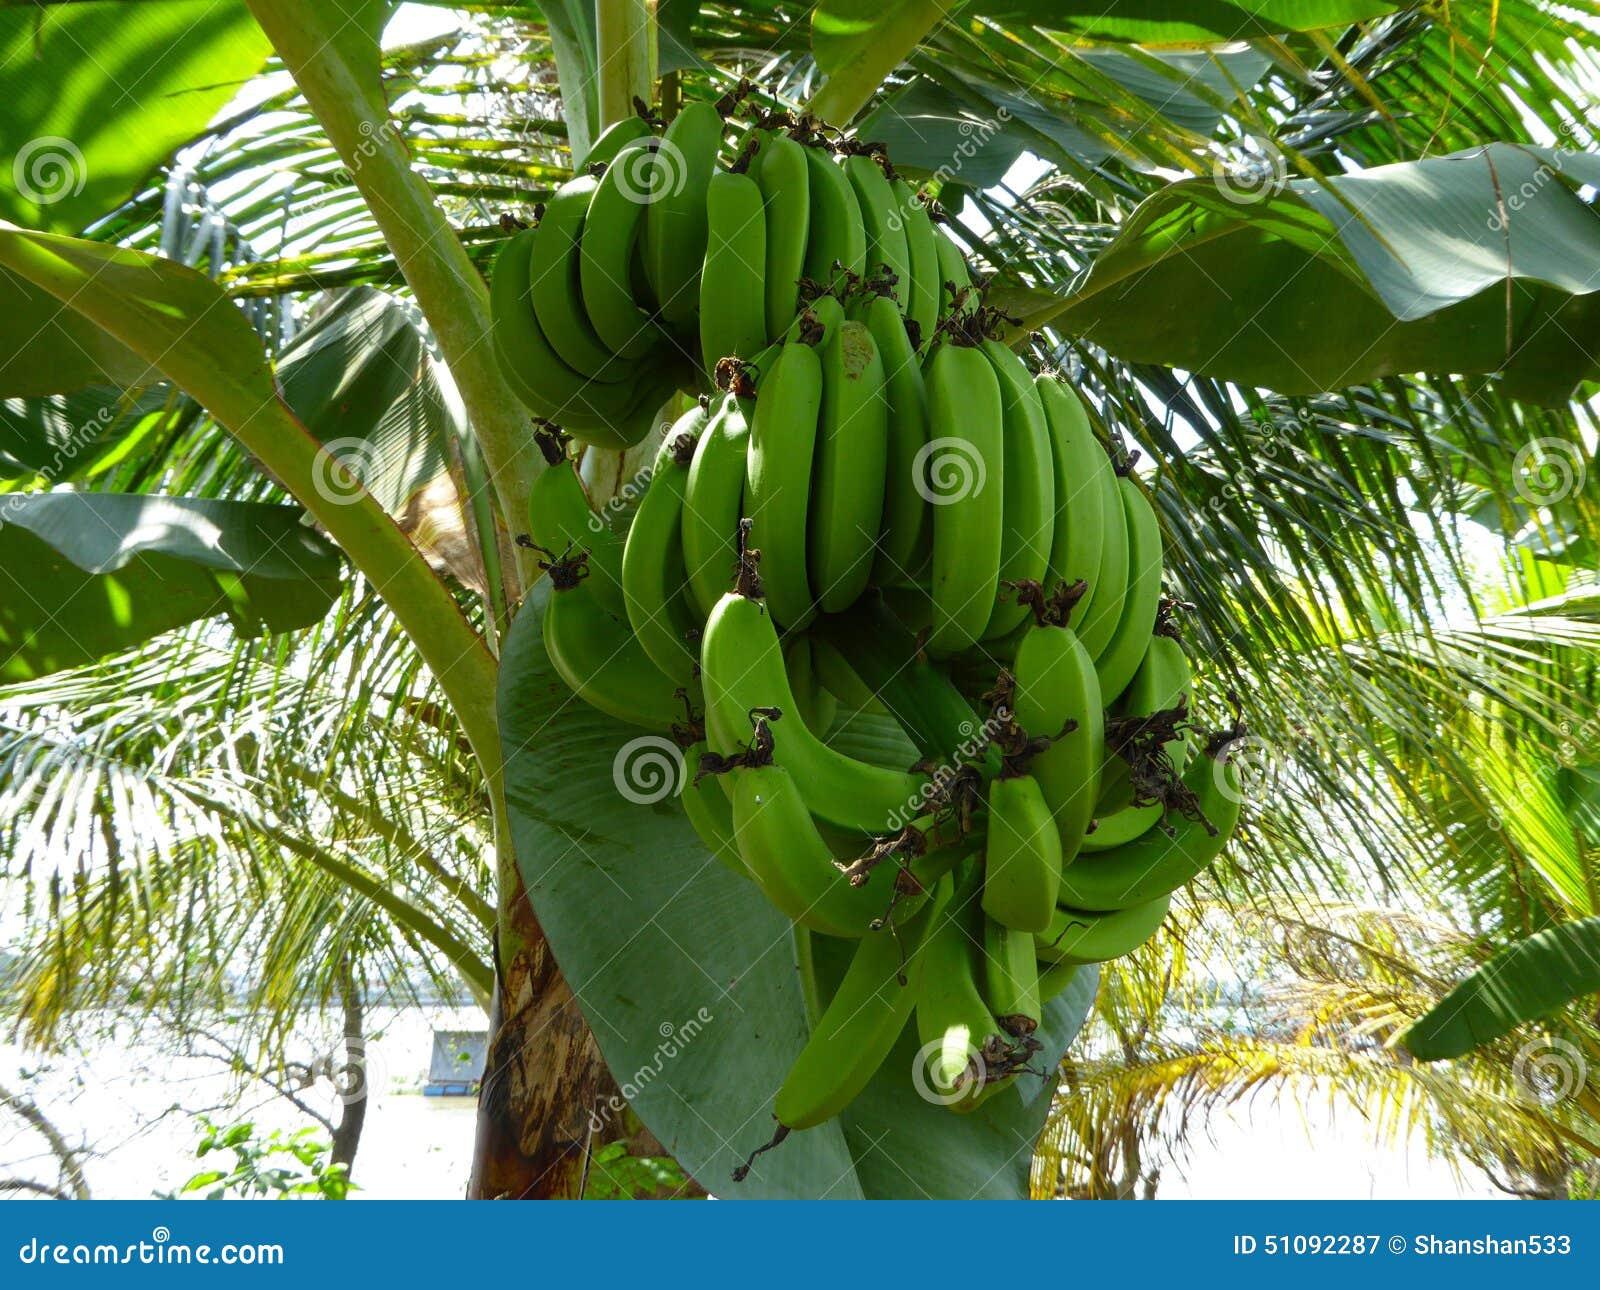 Mazzi di banane verdi su un banano